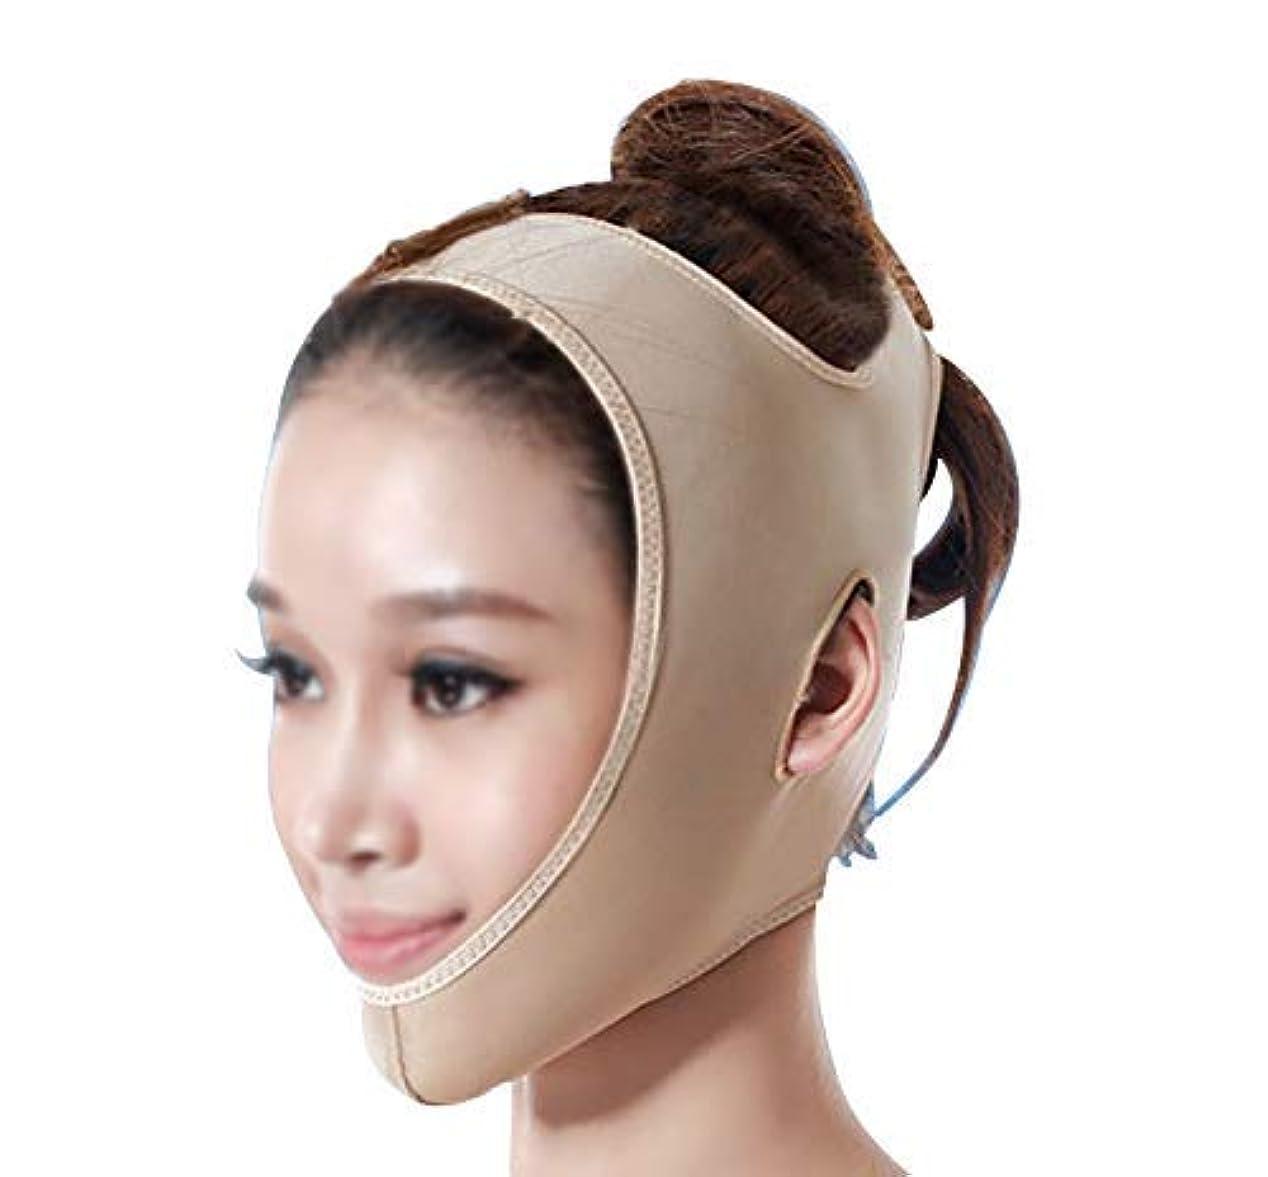 楽観的最大限道ファーミングフェイスマスク、フェイシャルマスク美容医学フェイスマスク美容Vフェイス包帯ライン彫刻リフティングファーミングダブルチンマスク(サイズ:S),S